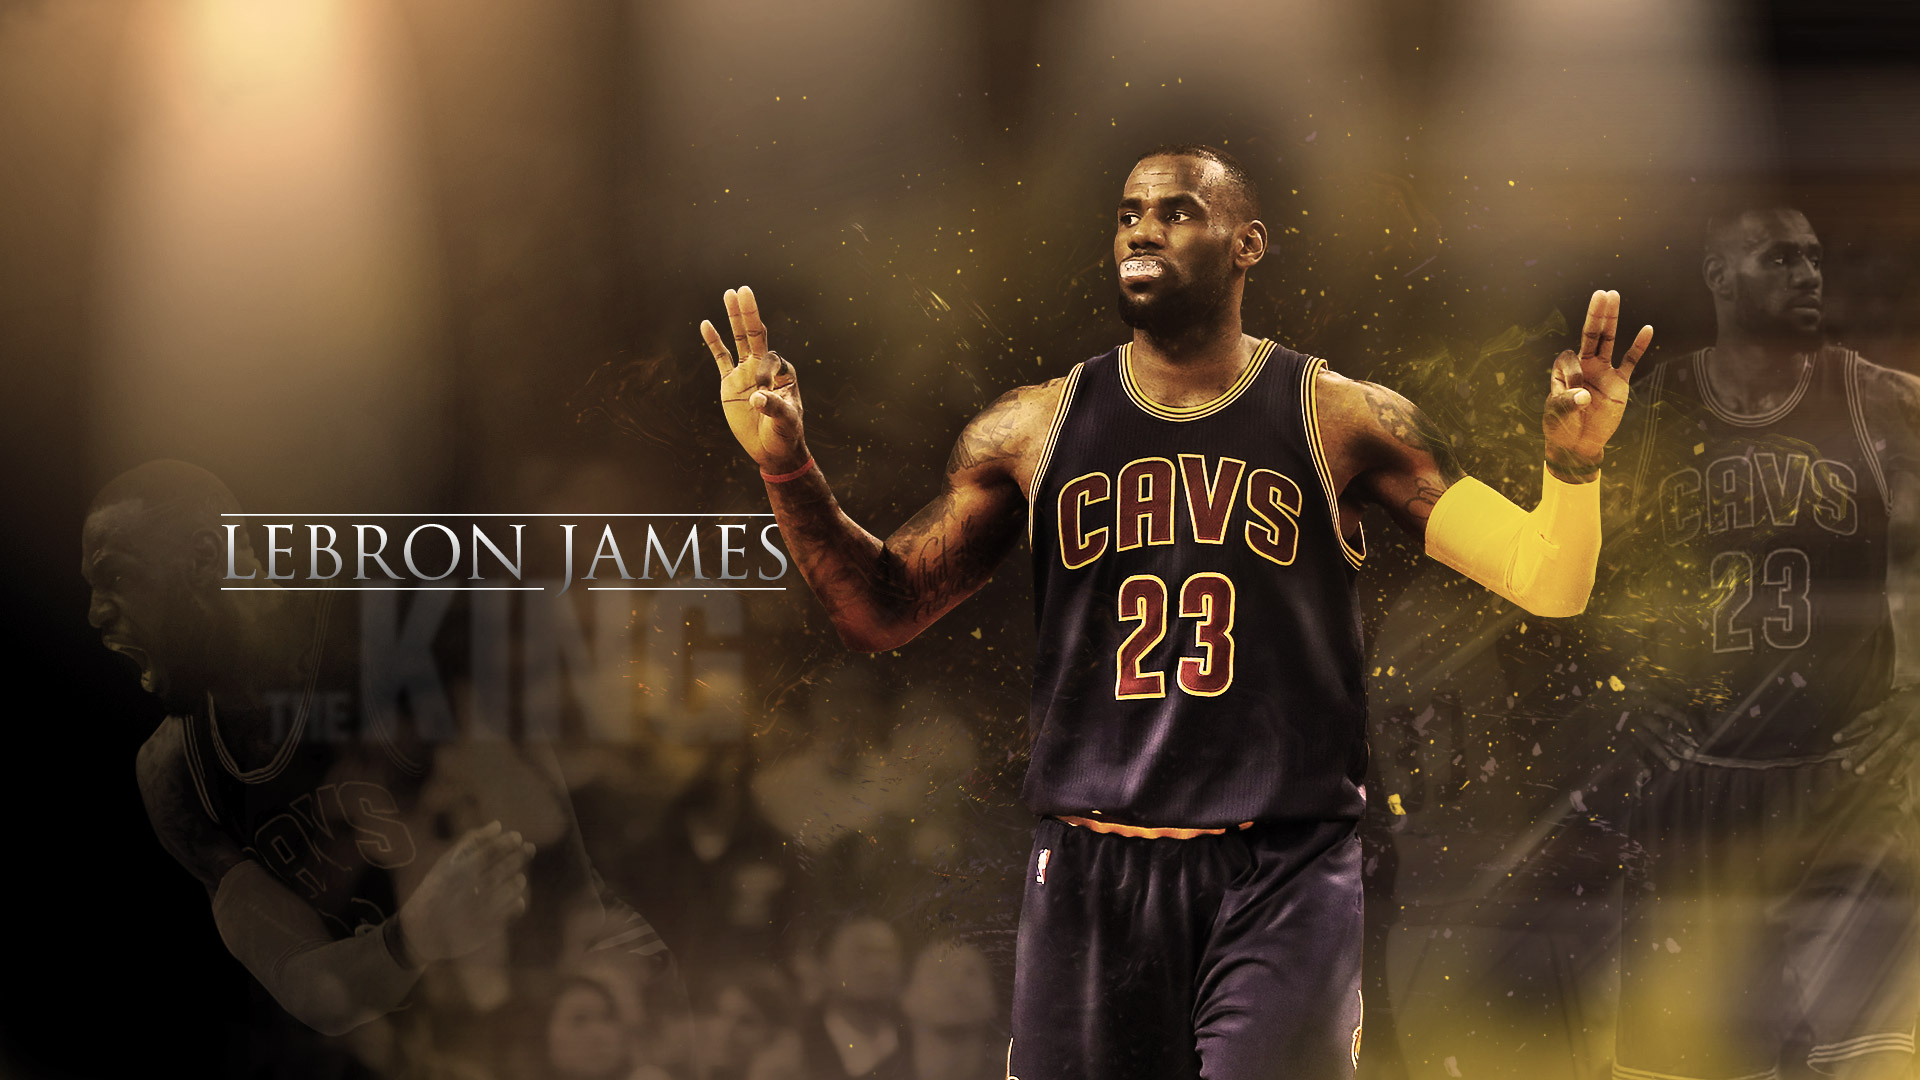 LeBron James HD Wallpaper